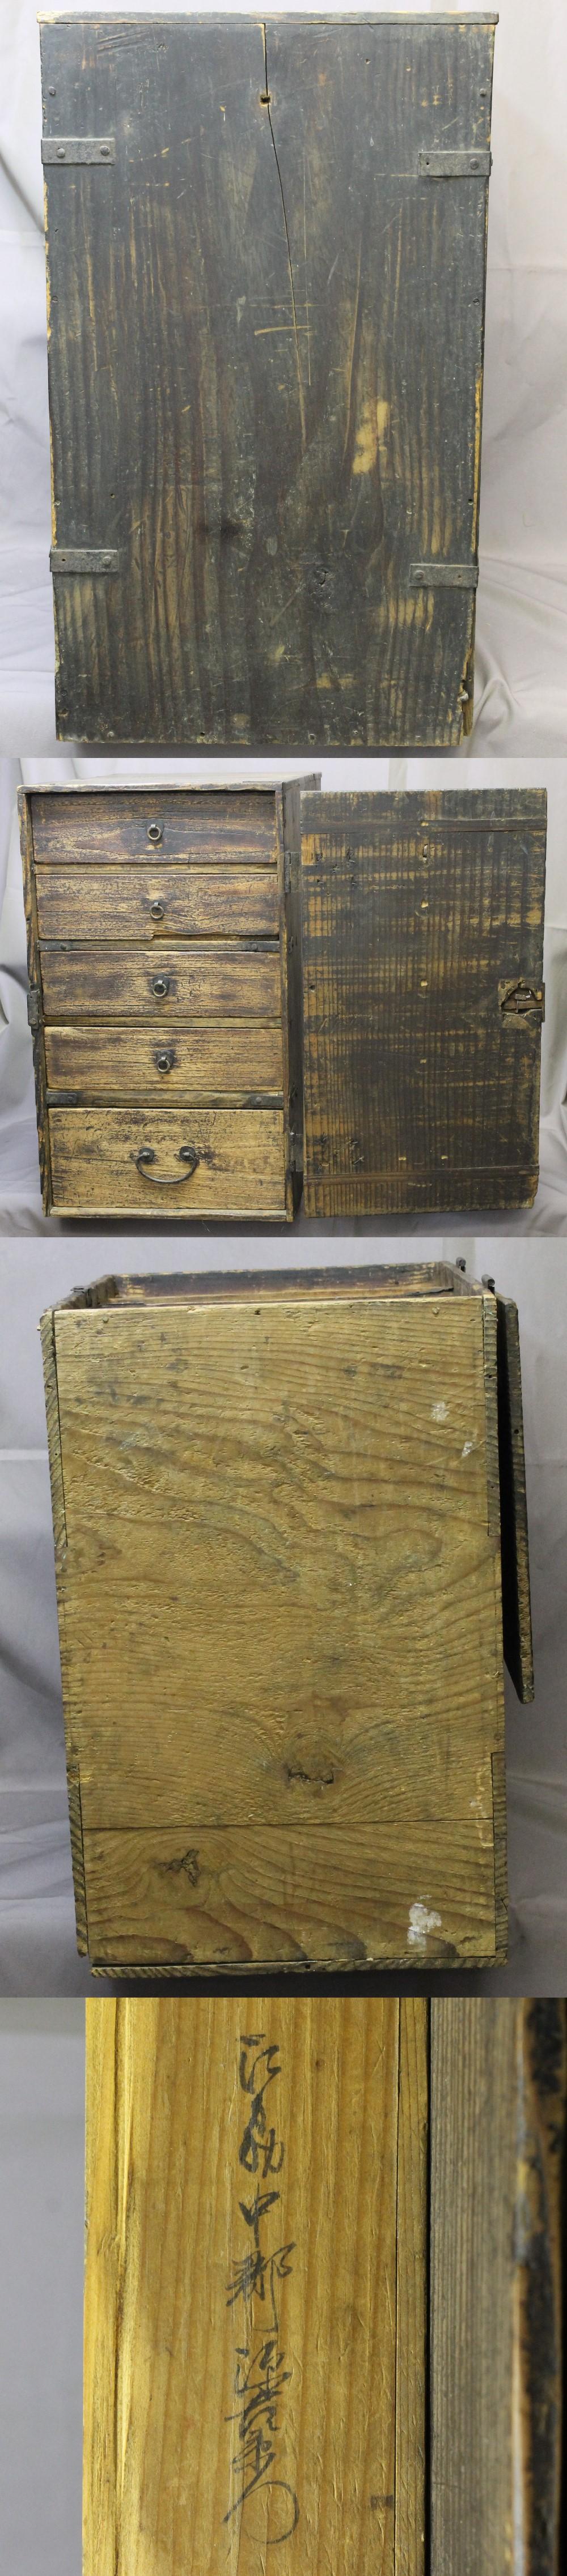 152木製小引き出し2